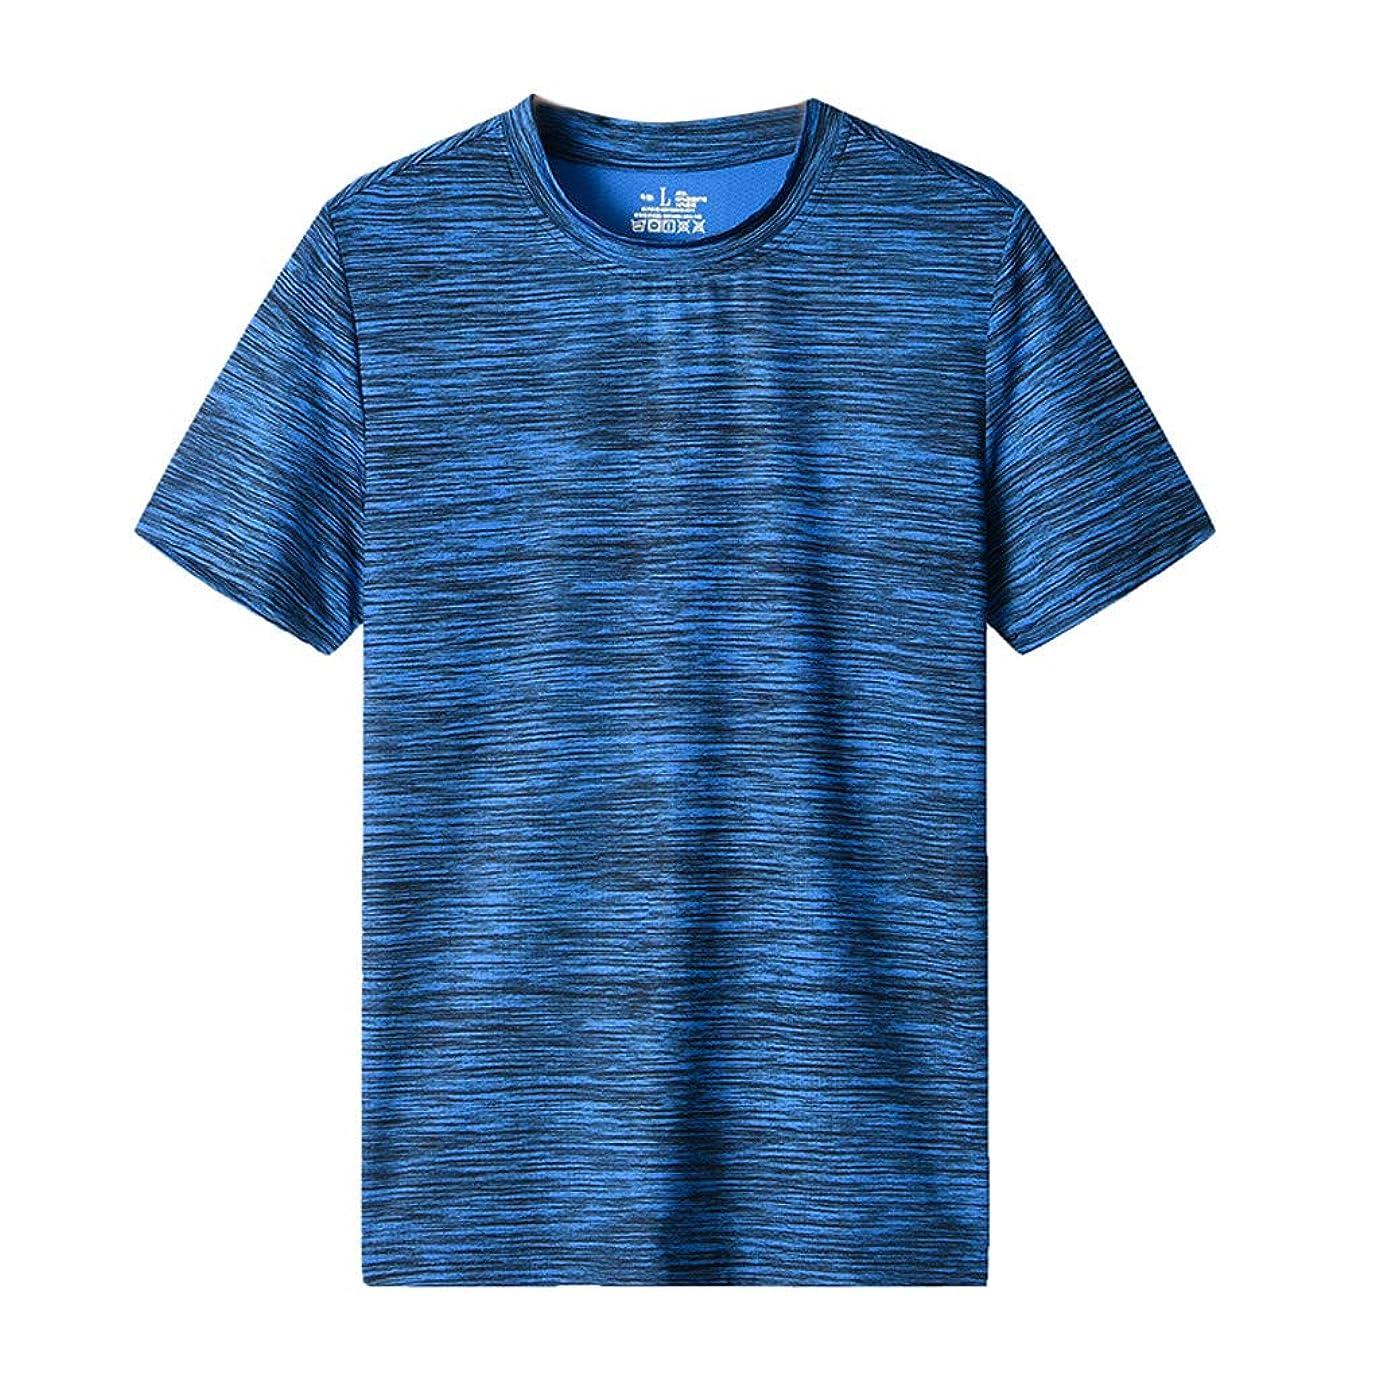 深さ歌う評決カットソー メンズ 半袖 Rexzo 吸汗速乾 スポーツシャツ カジュアル 機能性 Tシャツ 柔らかい 着心地 スウェットシャツ 大きいサイズ 人気 トレーニングウェア 通気性抜群 カットソー tシャツ 運動 日常 マラソン